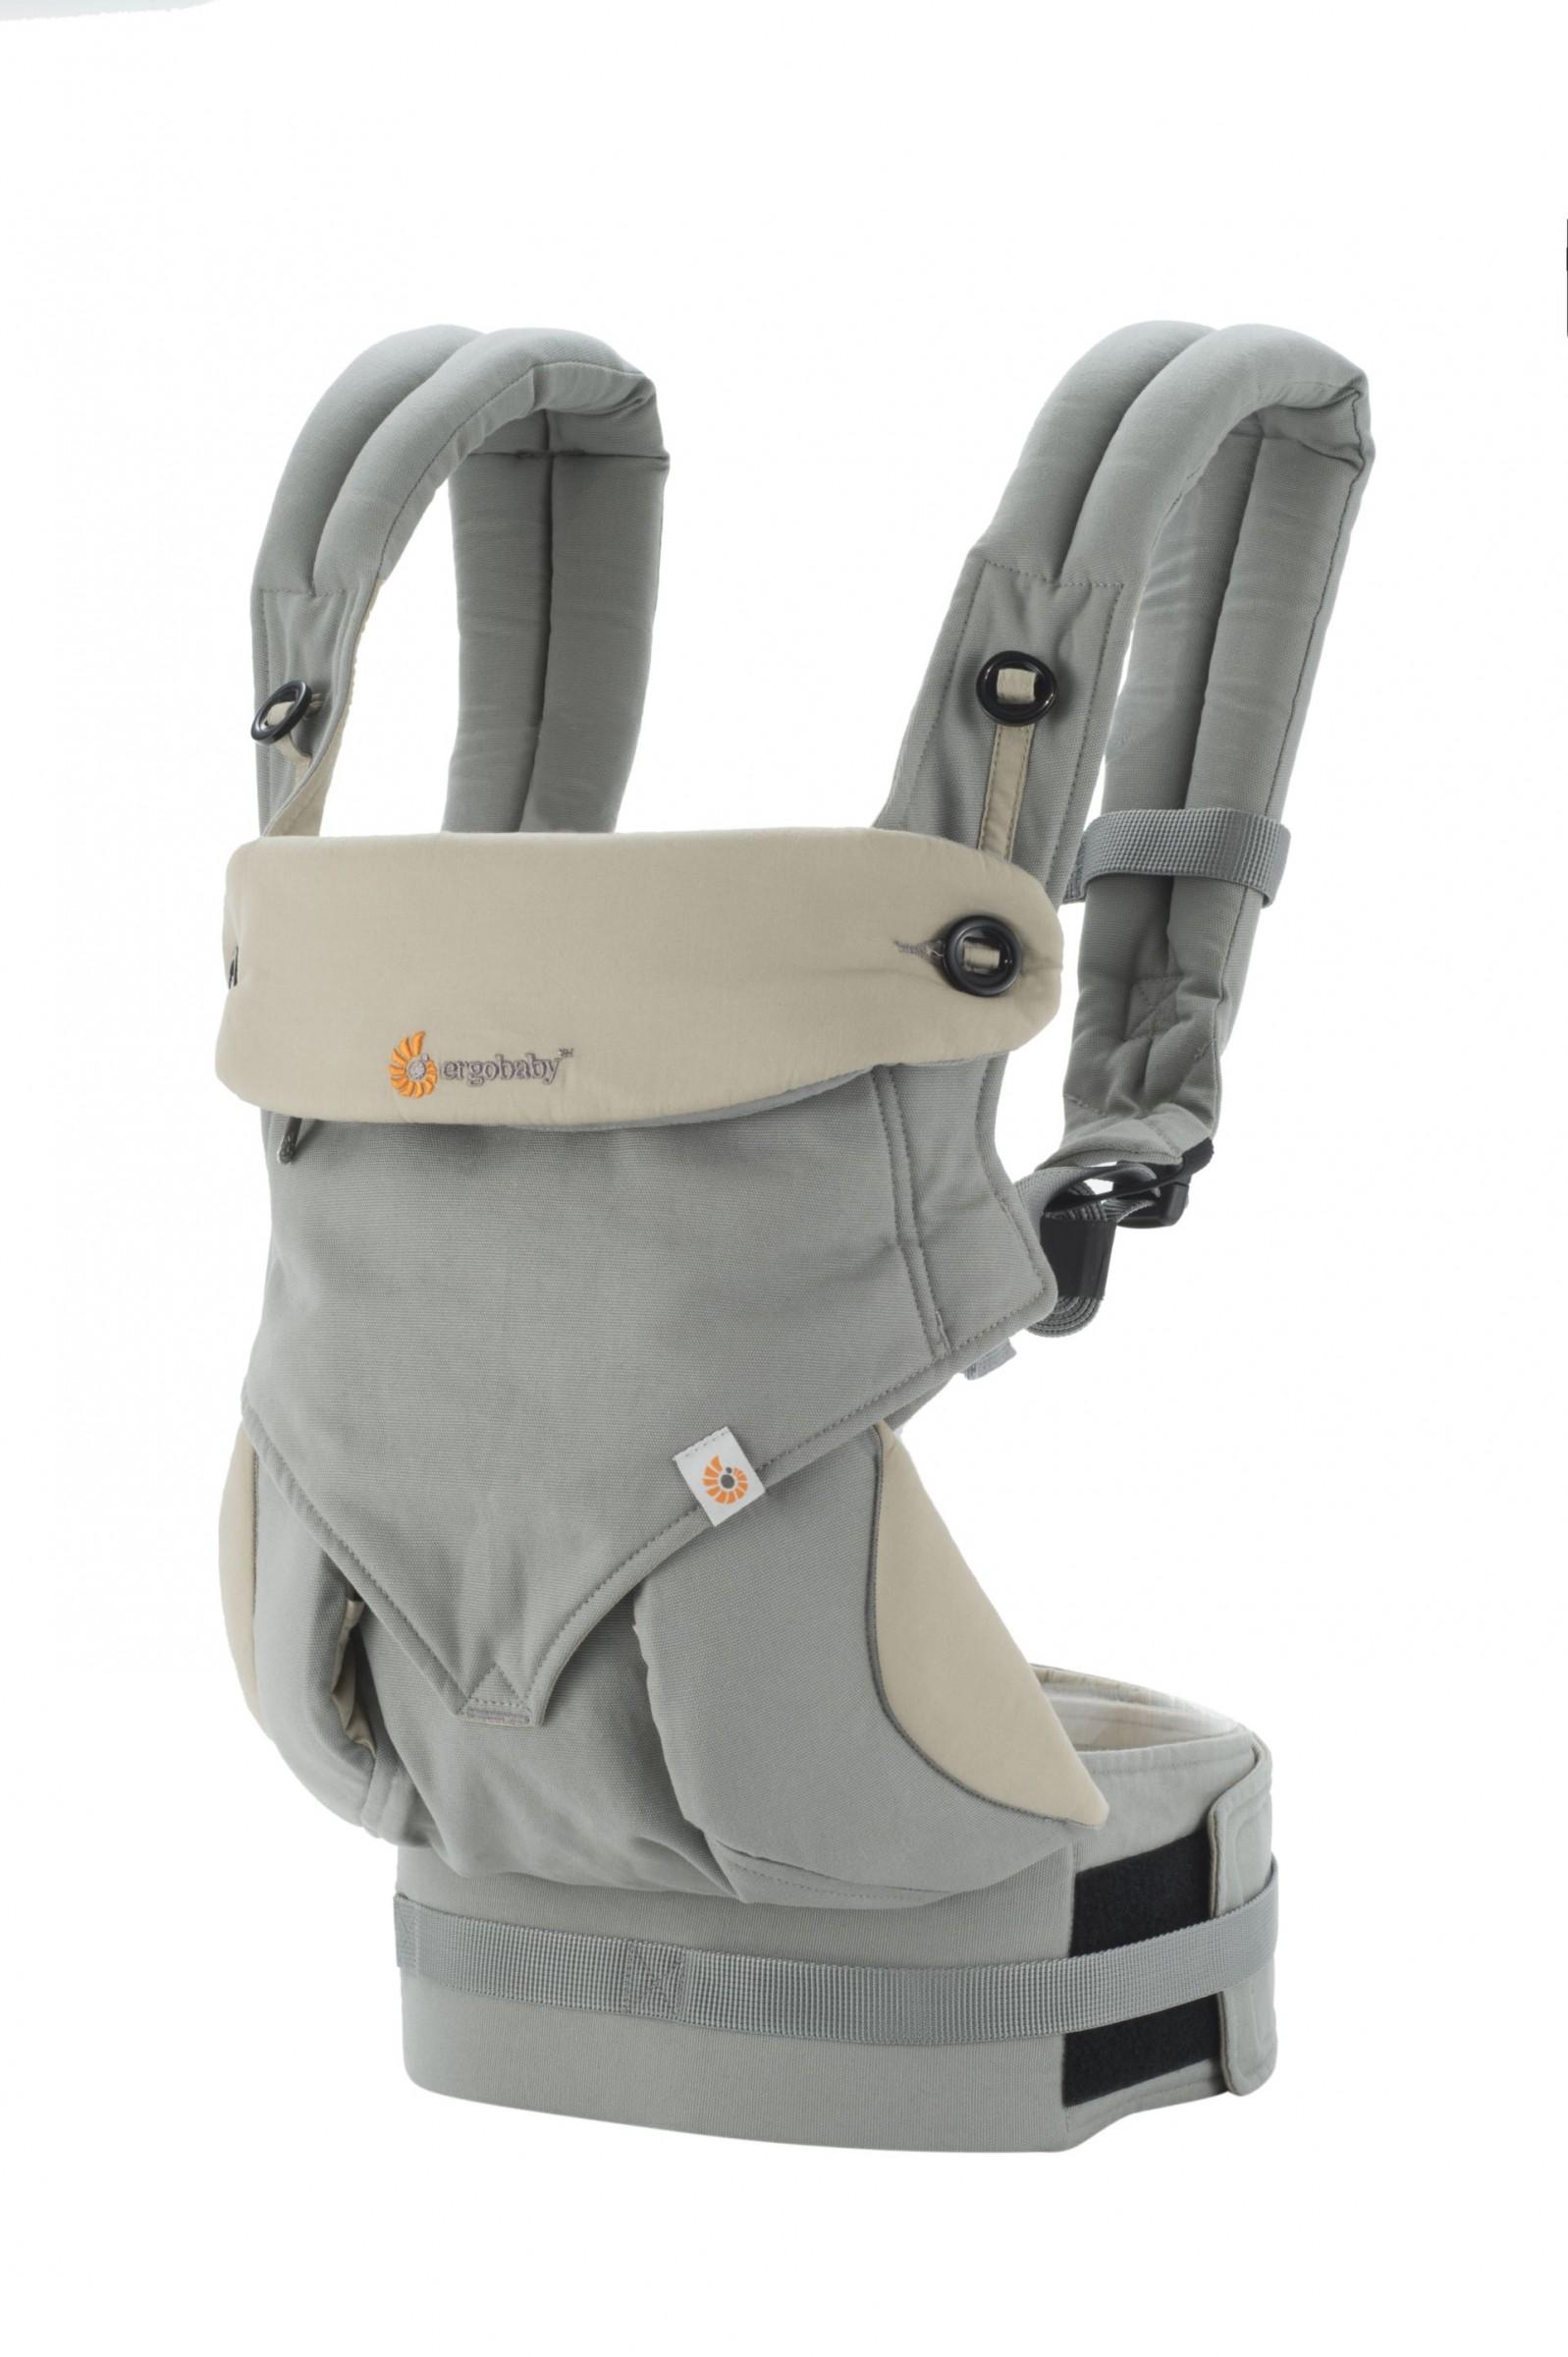 ERGObaby Babytrage 360 Grey/Taupe